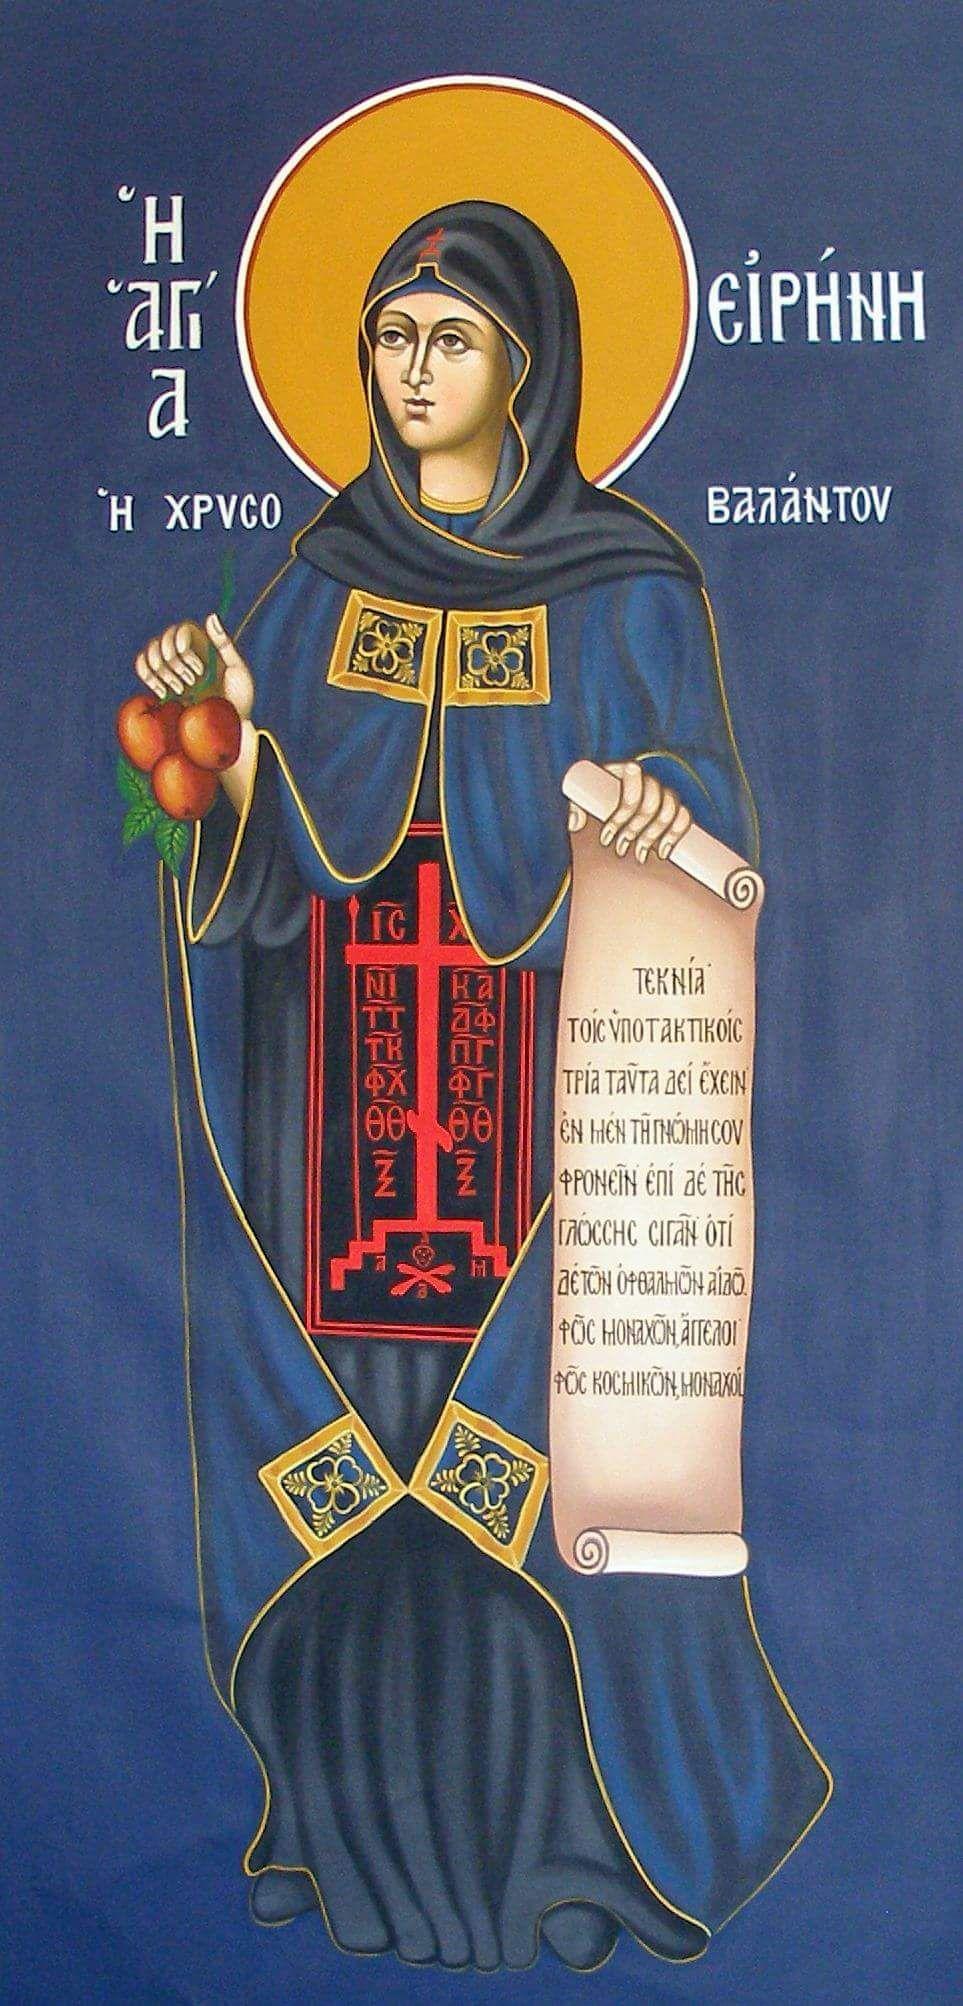 St. Irene Chrysovolantou by Alexandra Kaouki of Crete